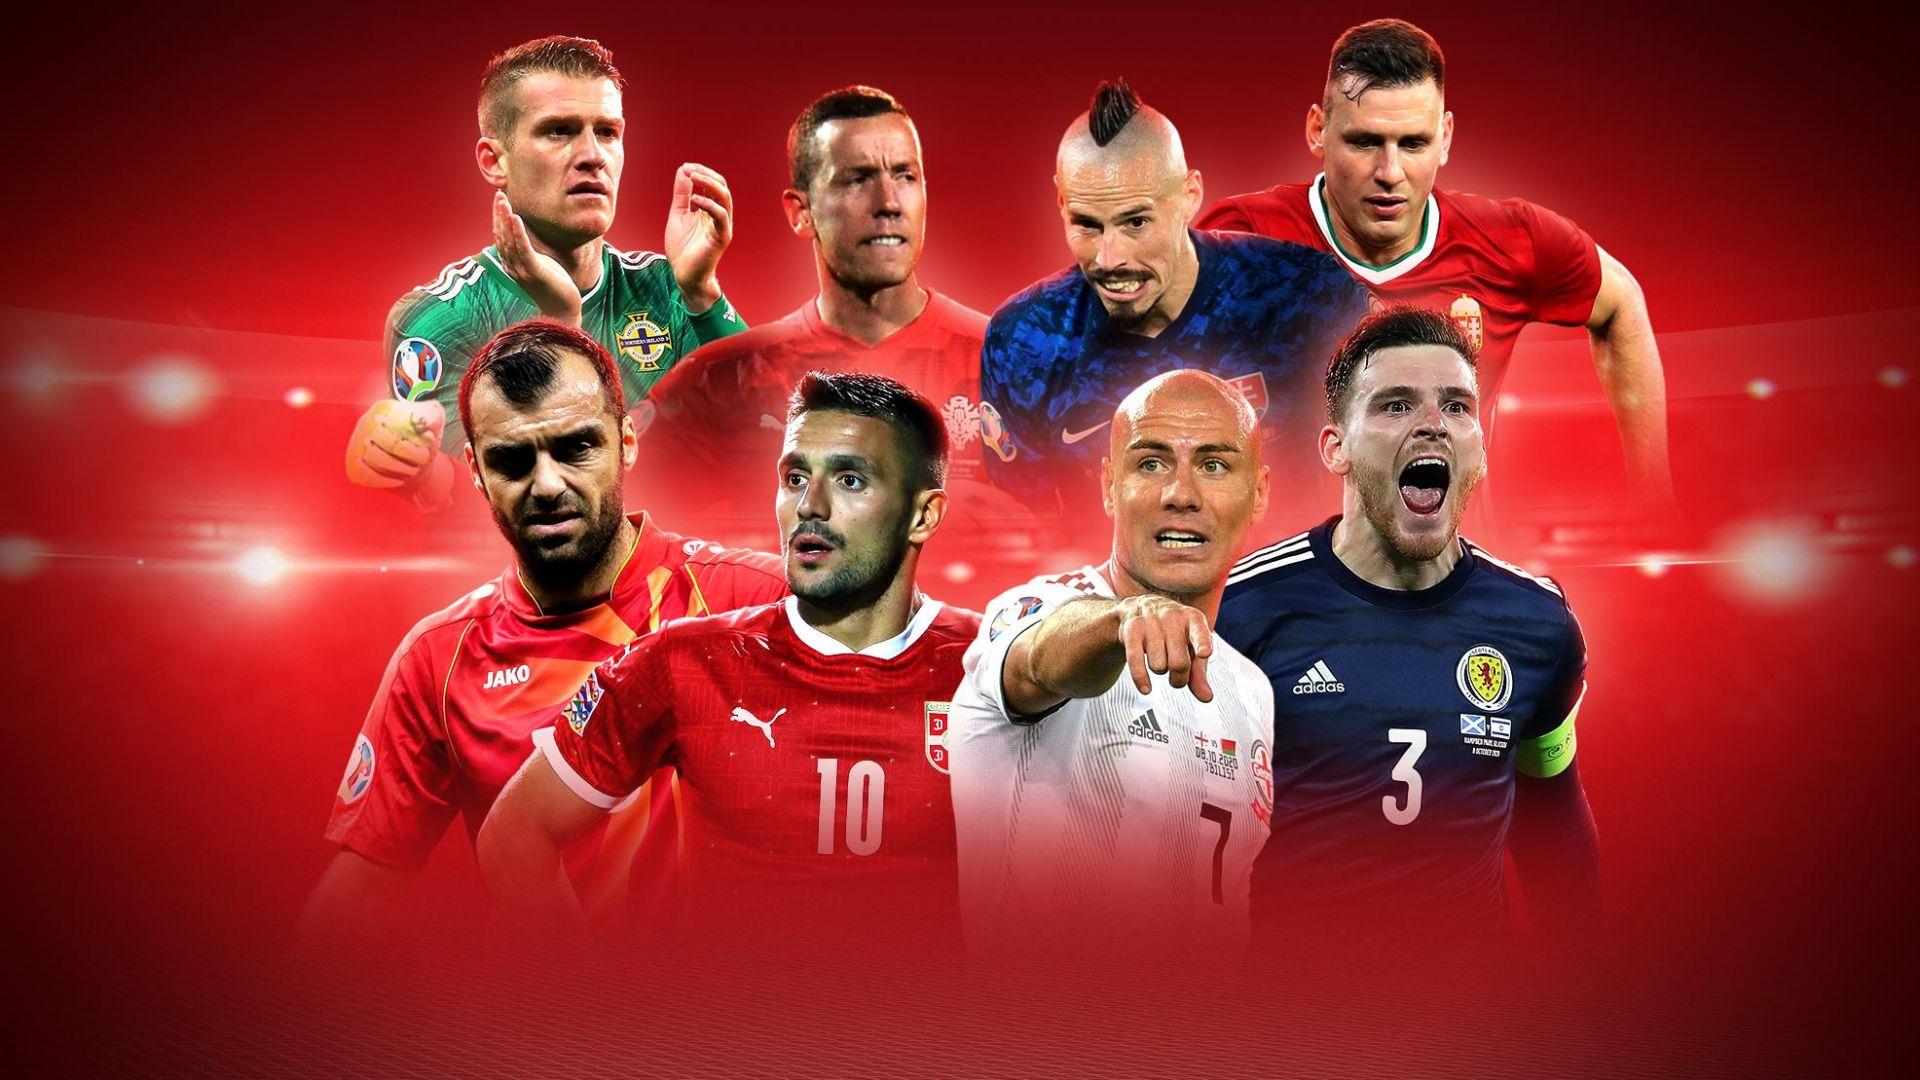 Македонци или грузинци ще дебютират на Европейското - големите мачове днес